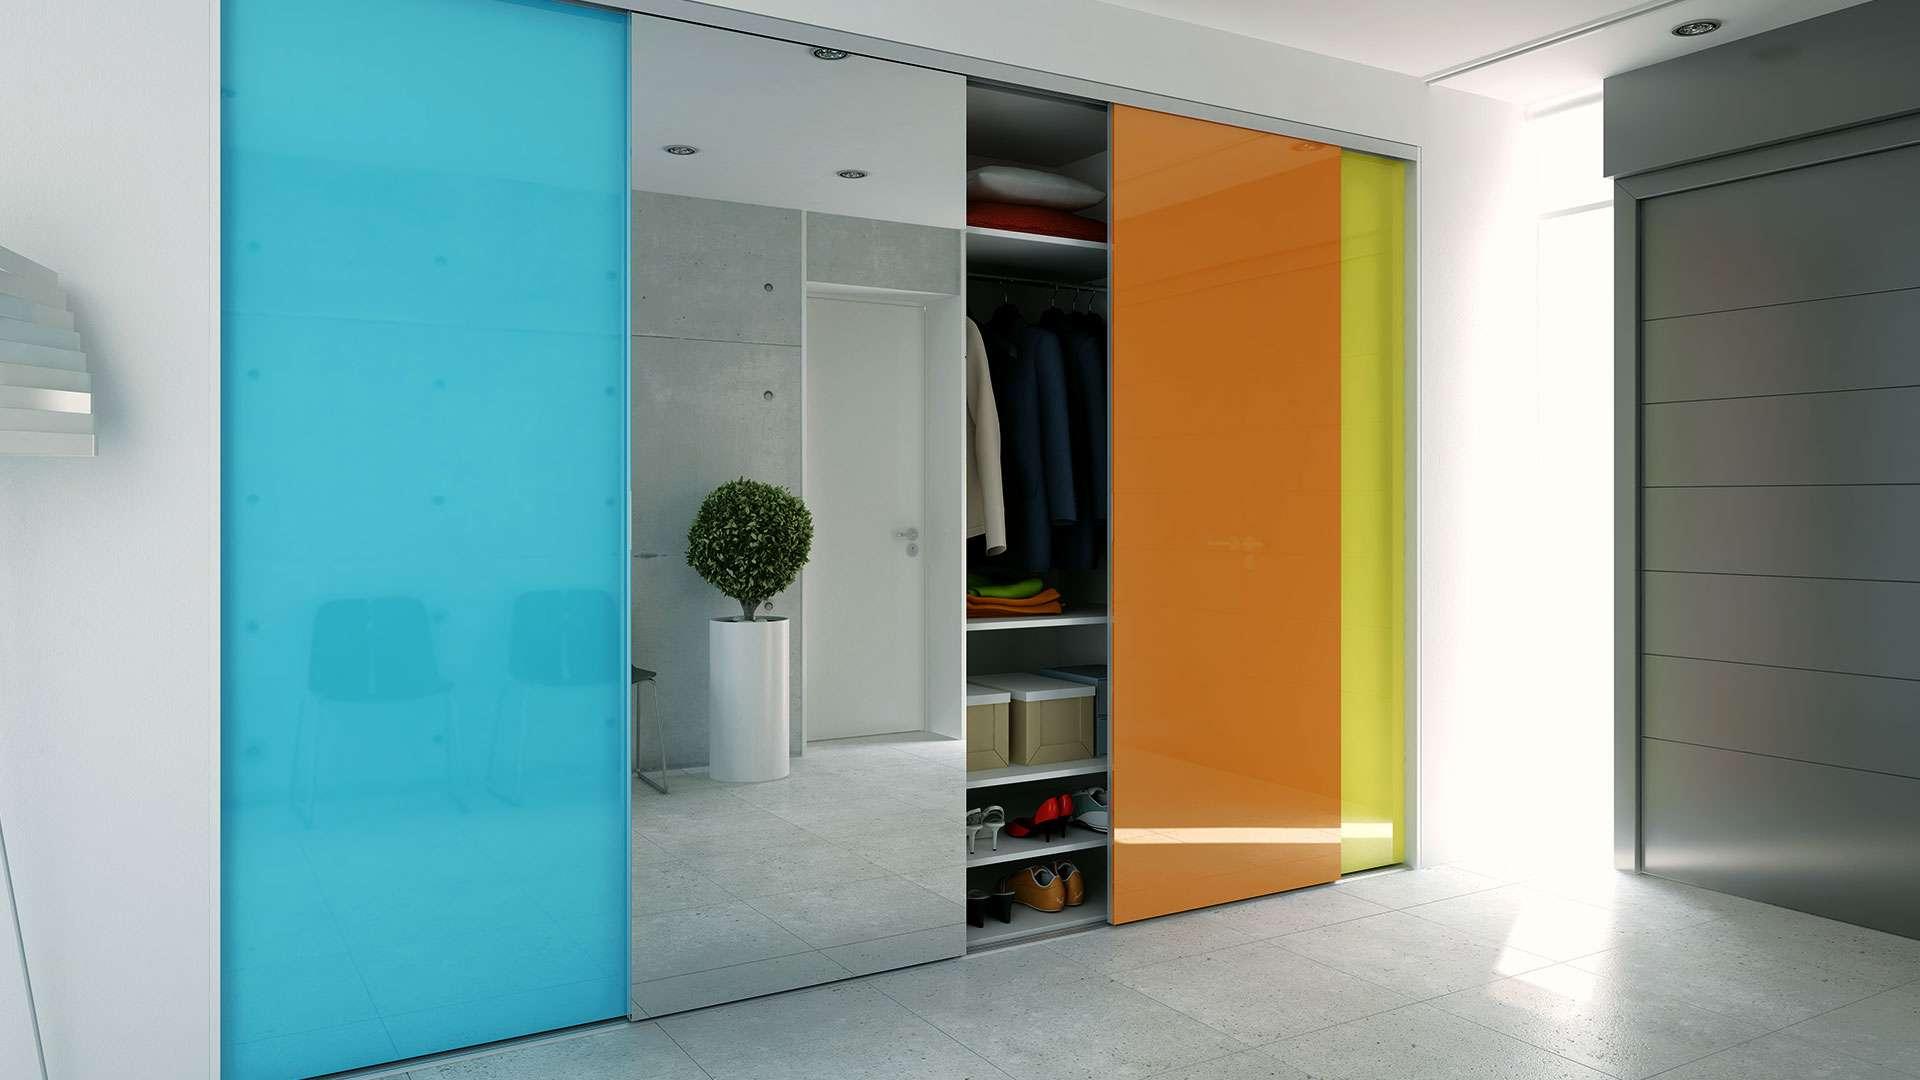 4 ajtós előszoba gardróbszekrény festett üveggel és tükörrel